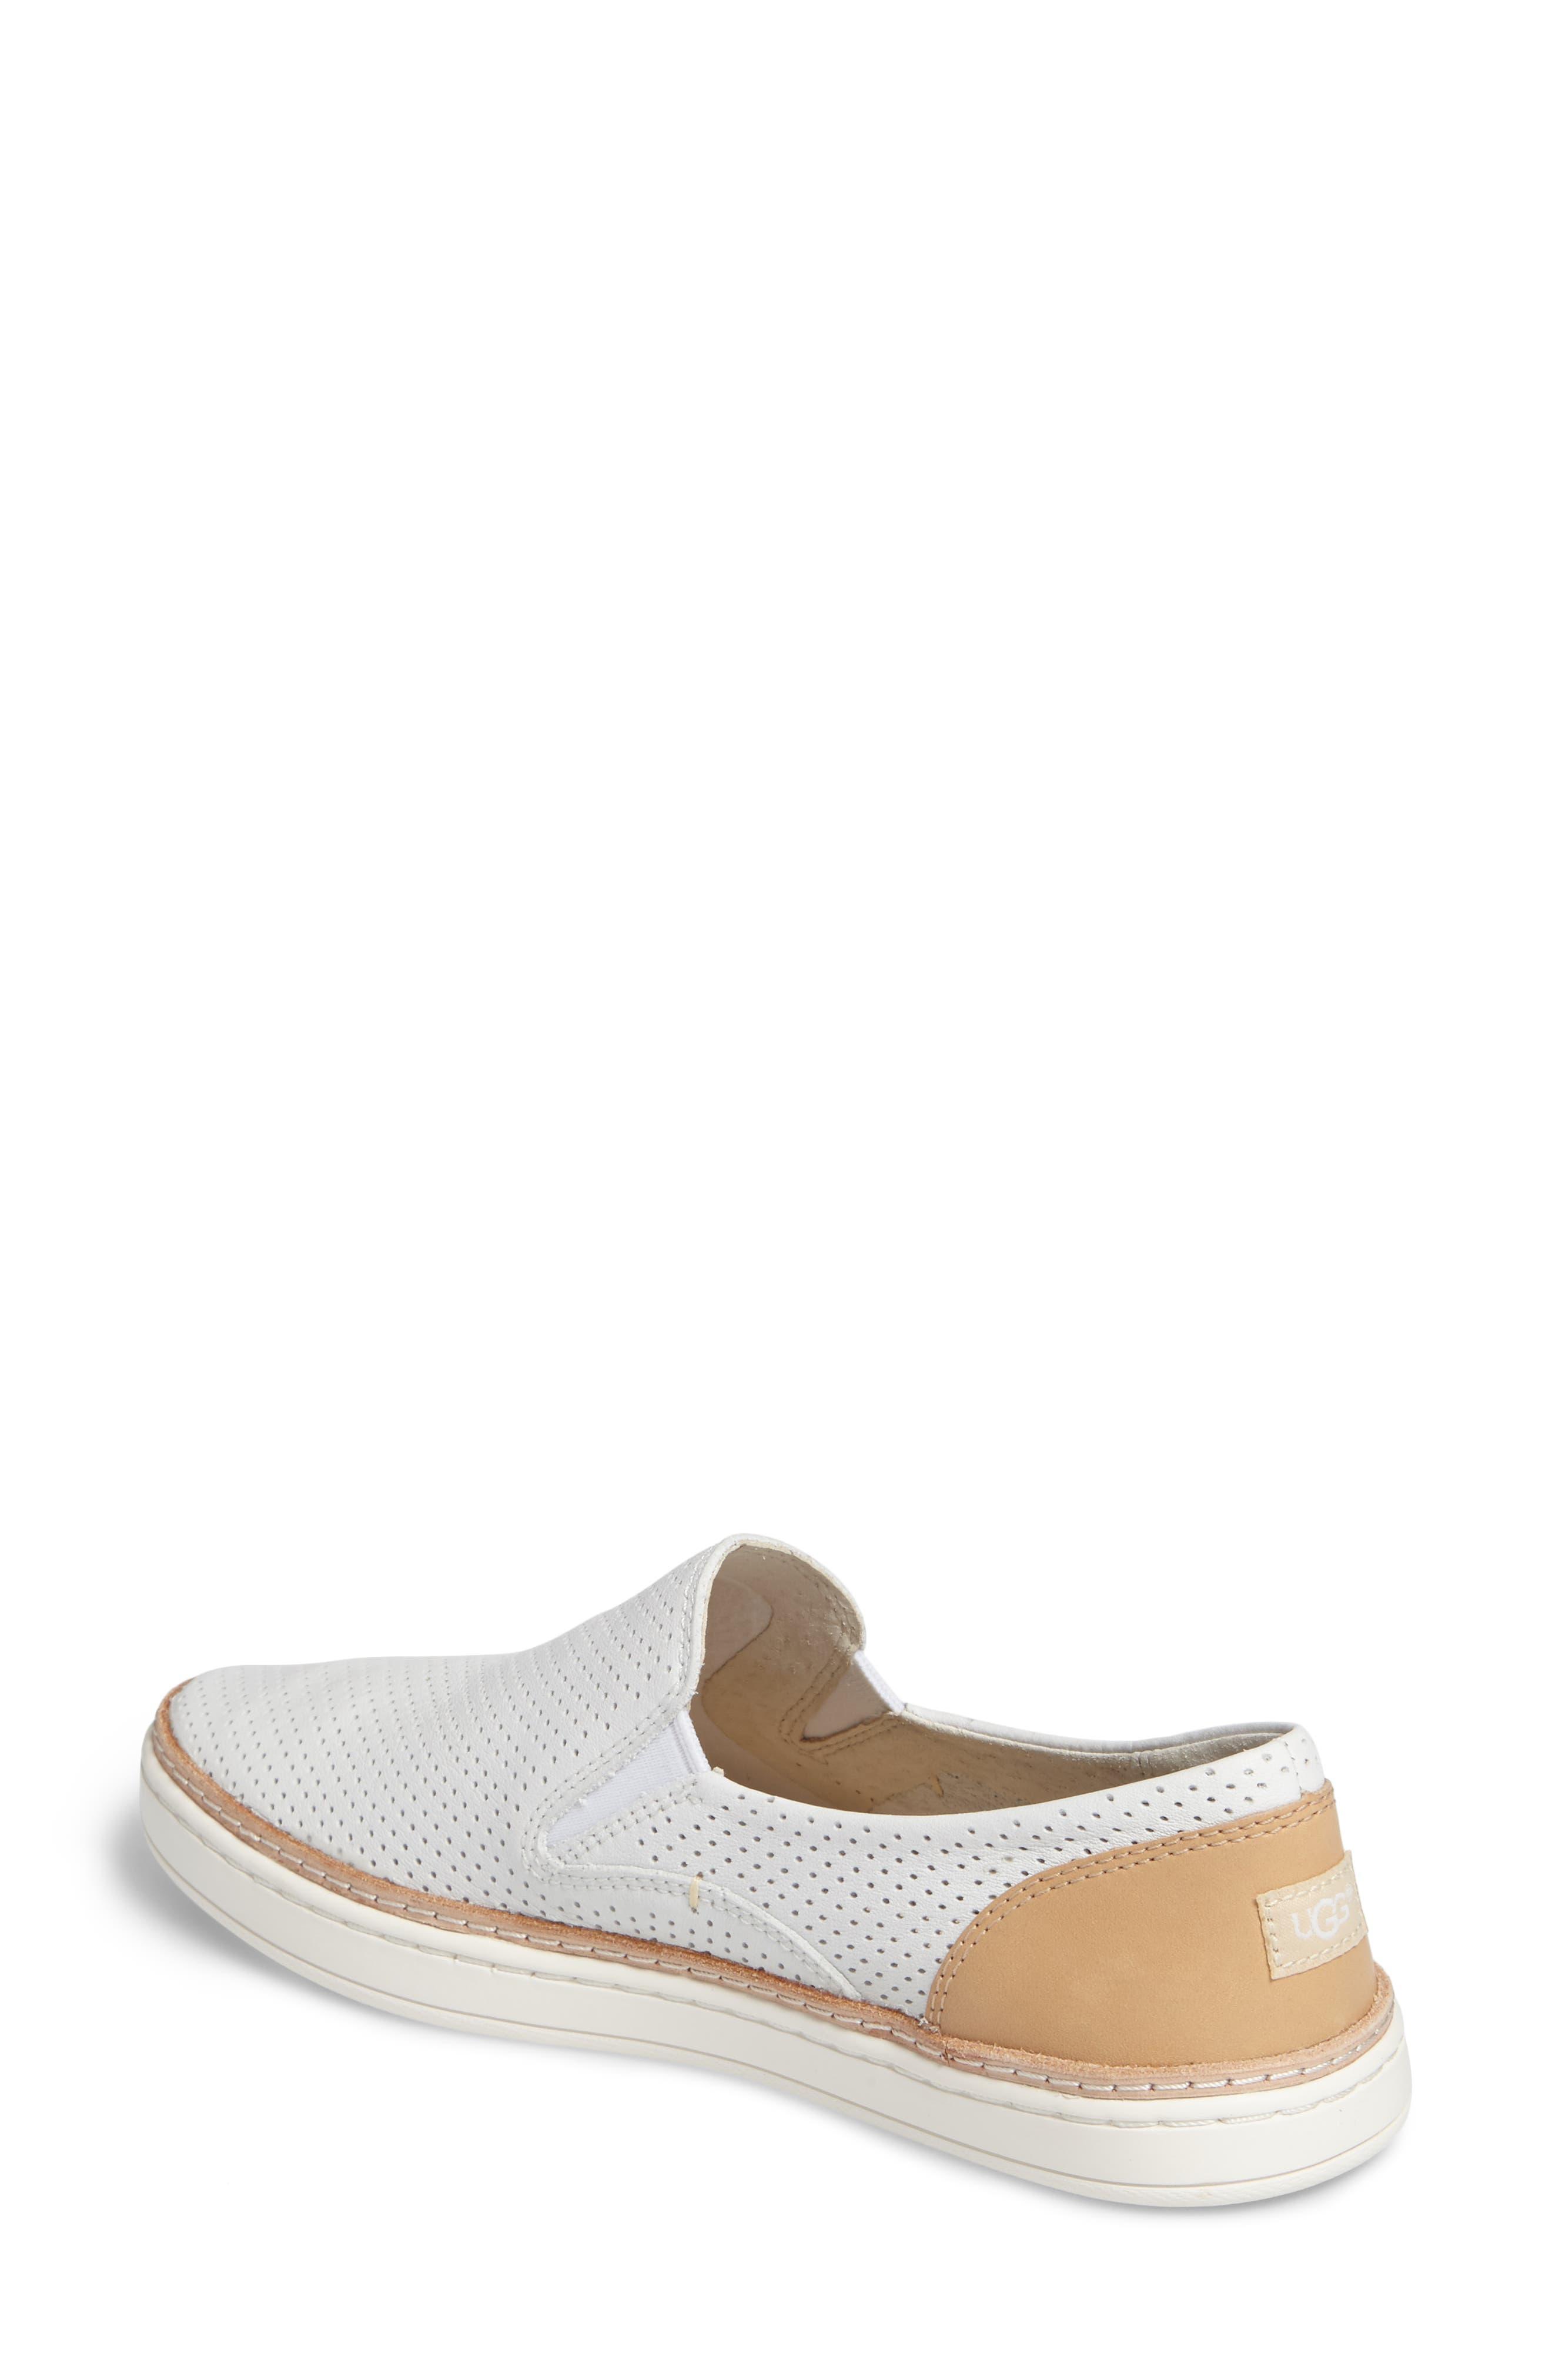 Adley Slip-On Sneaker,                             Alternate thumbnail 16, color,